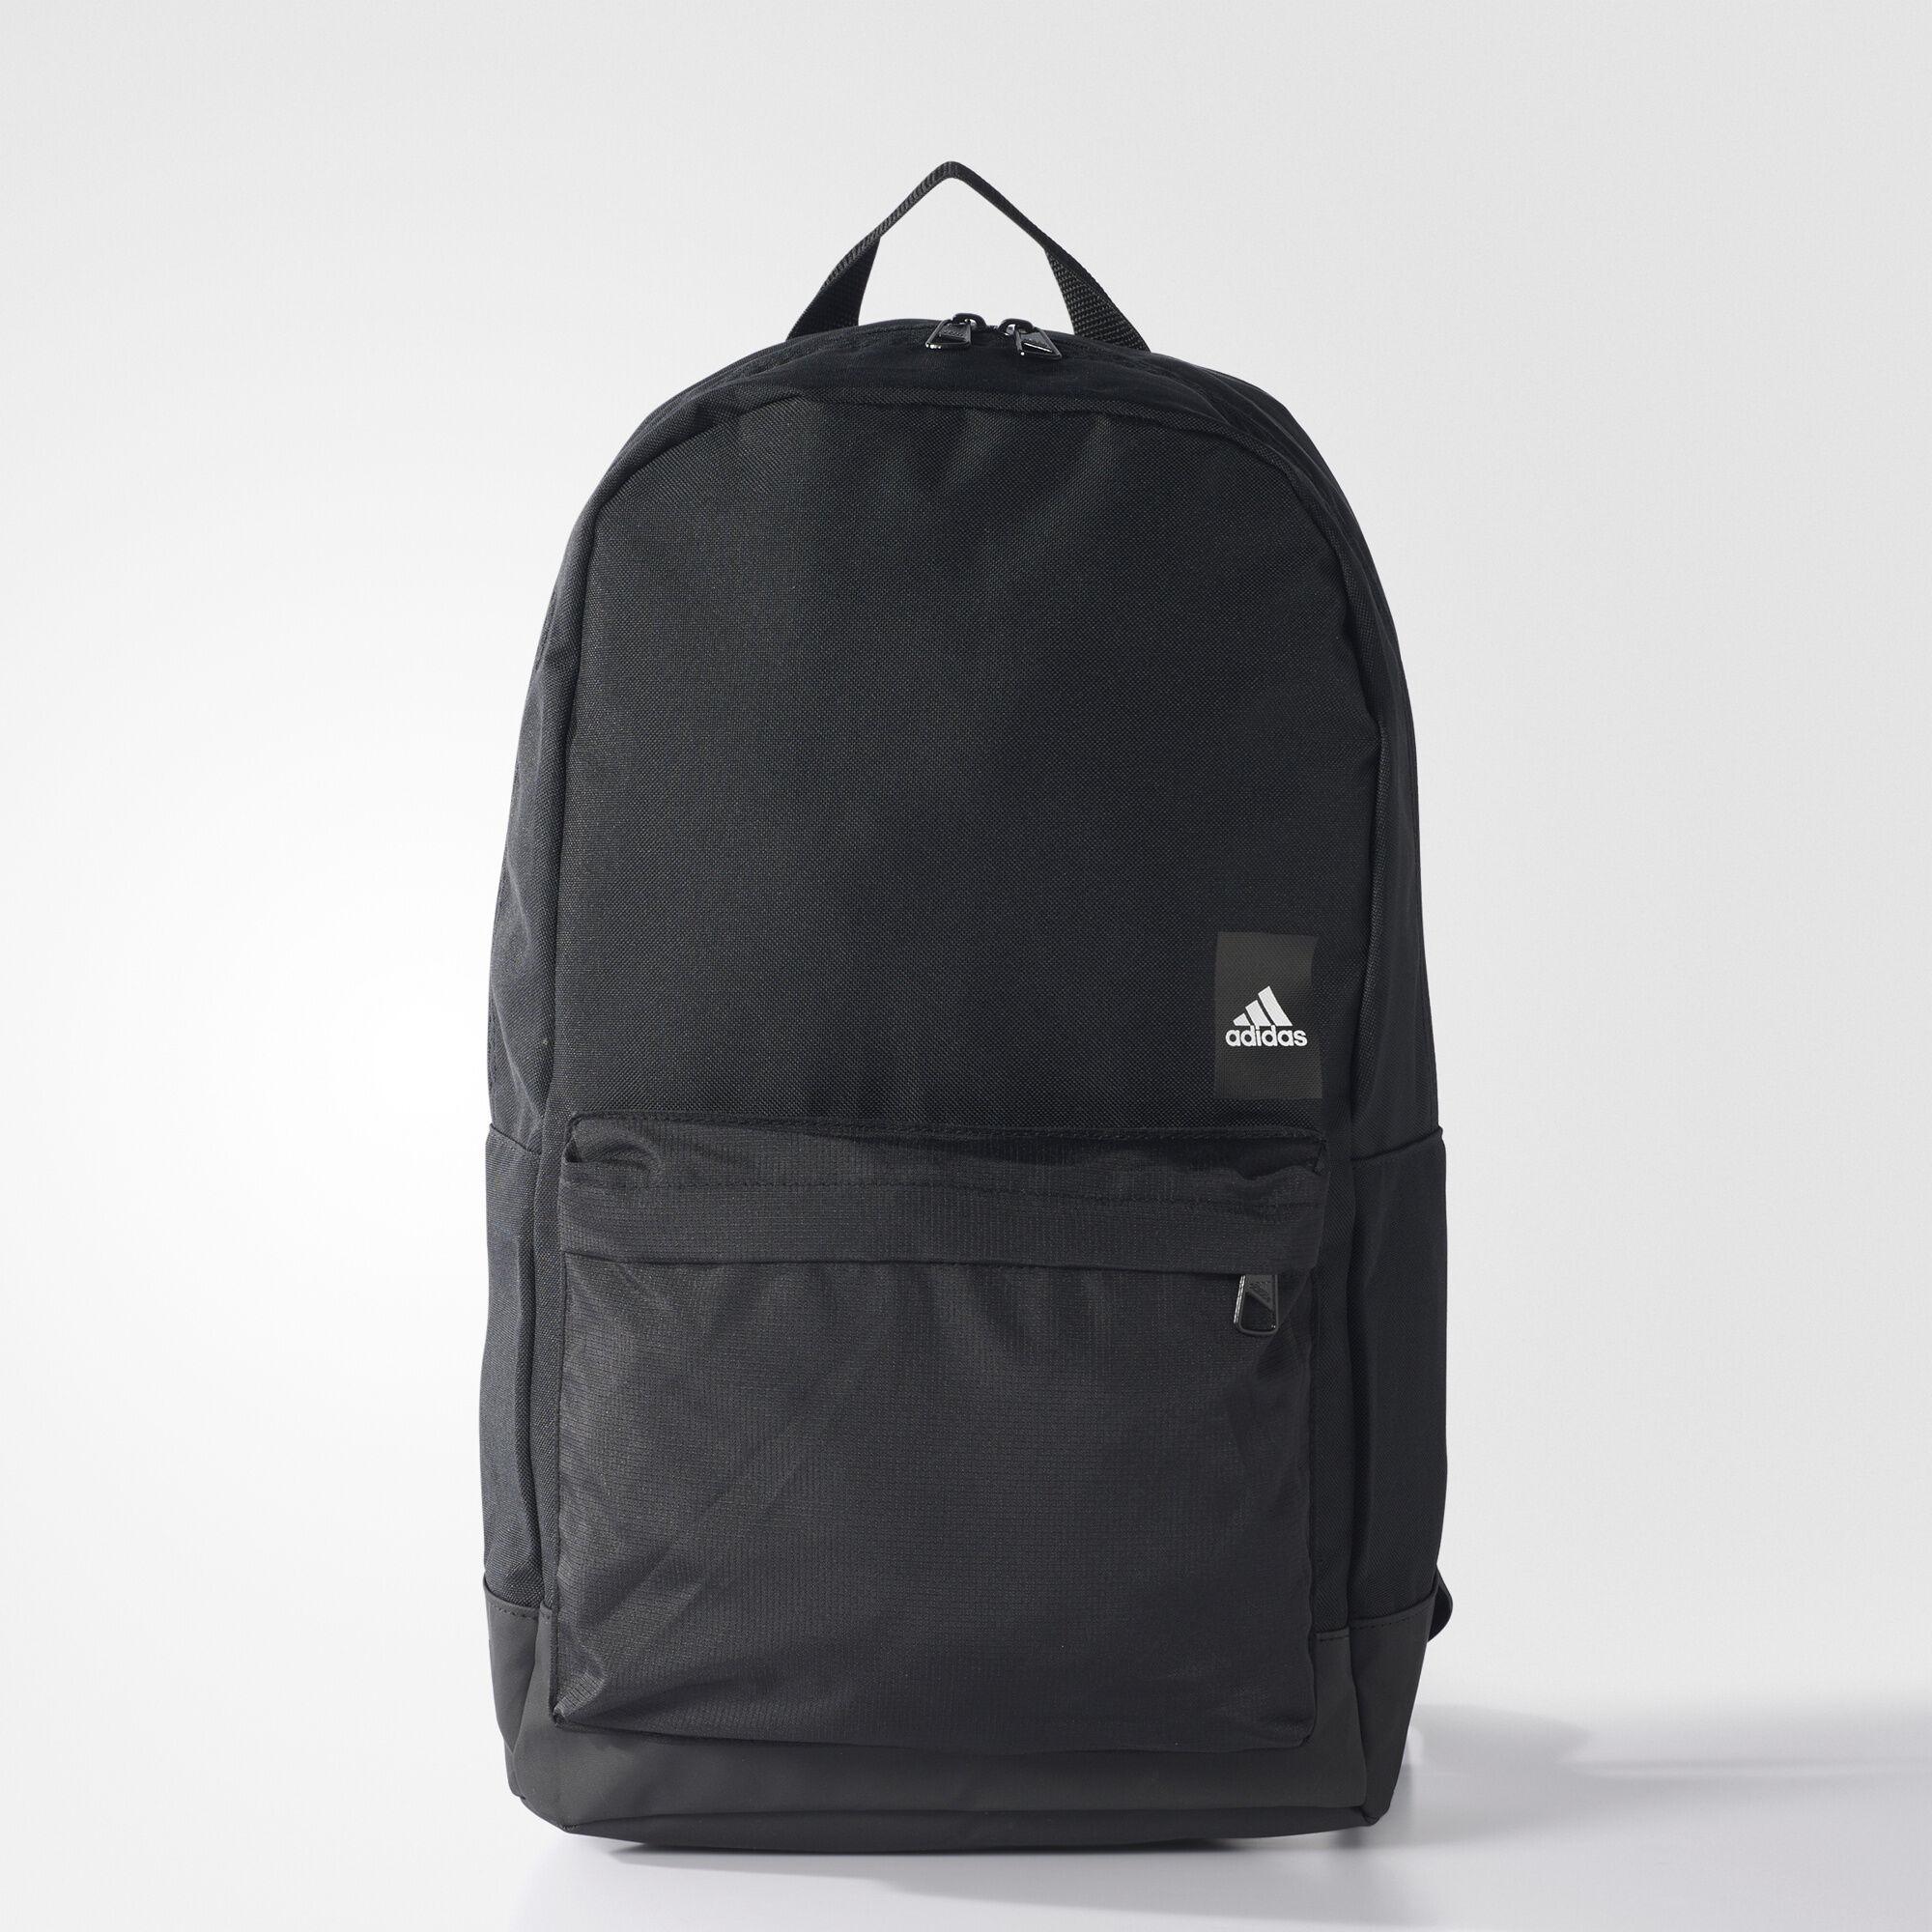 adidas rucksack damen schwarz